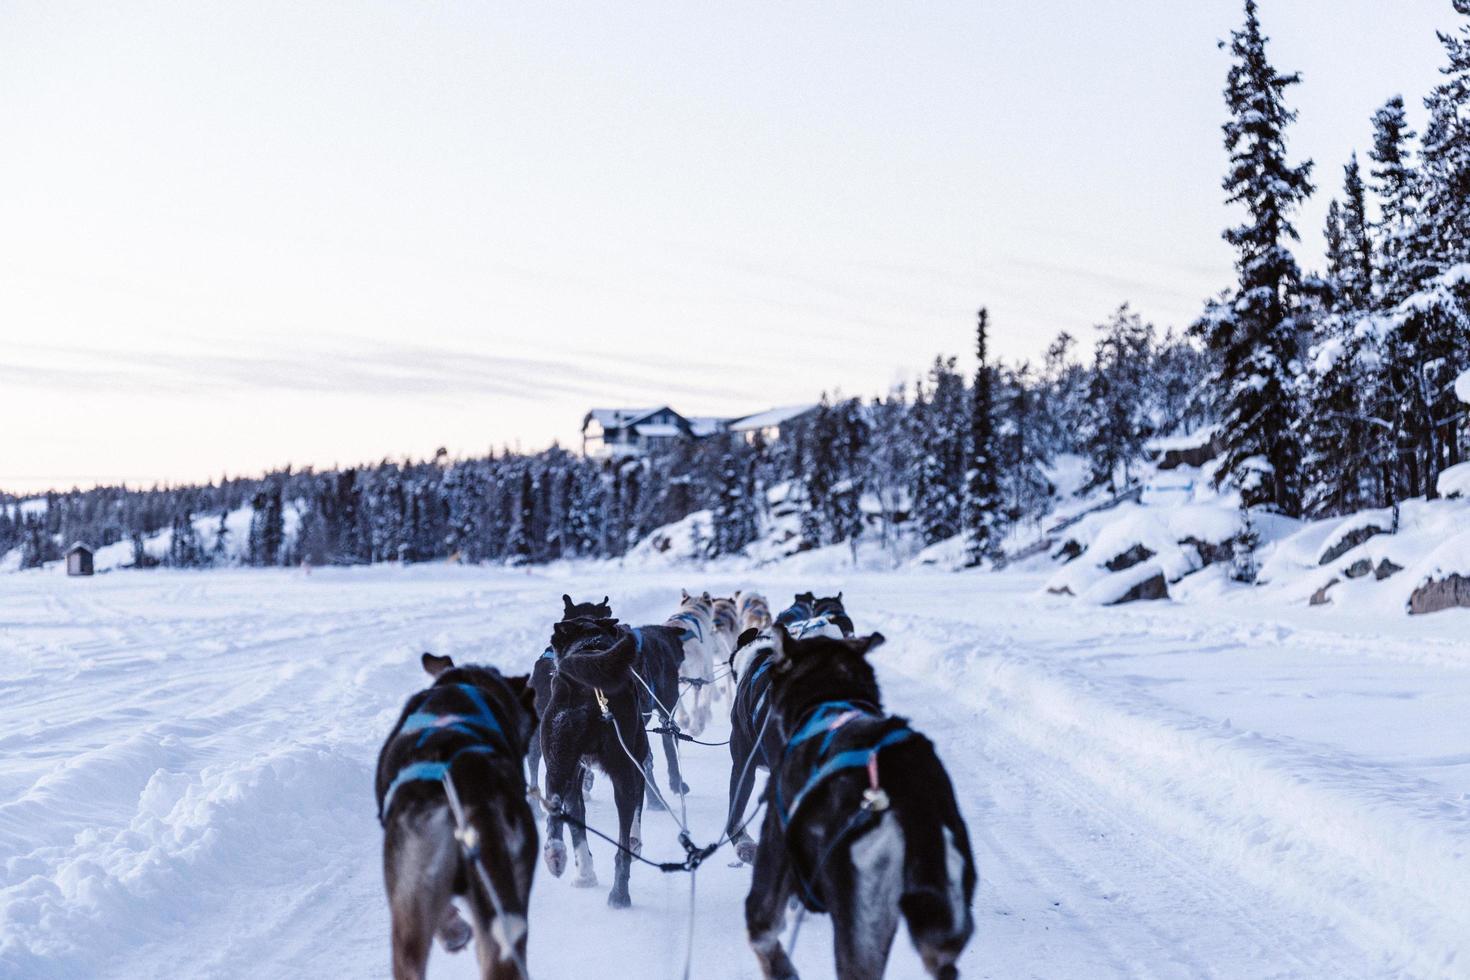 Rudel Wölfe, die auf schneebedecktem Boden schlitten foto